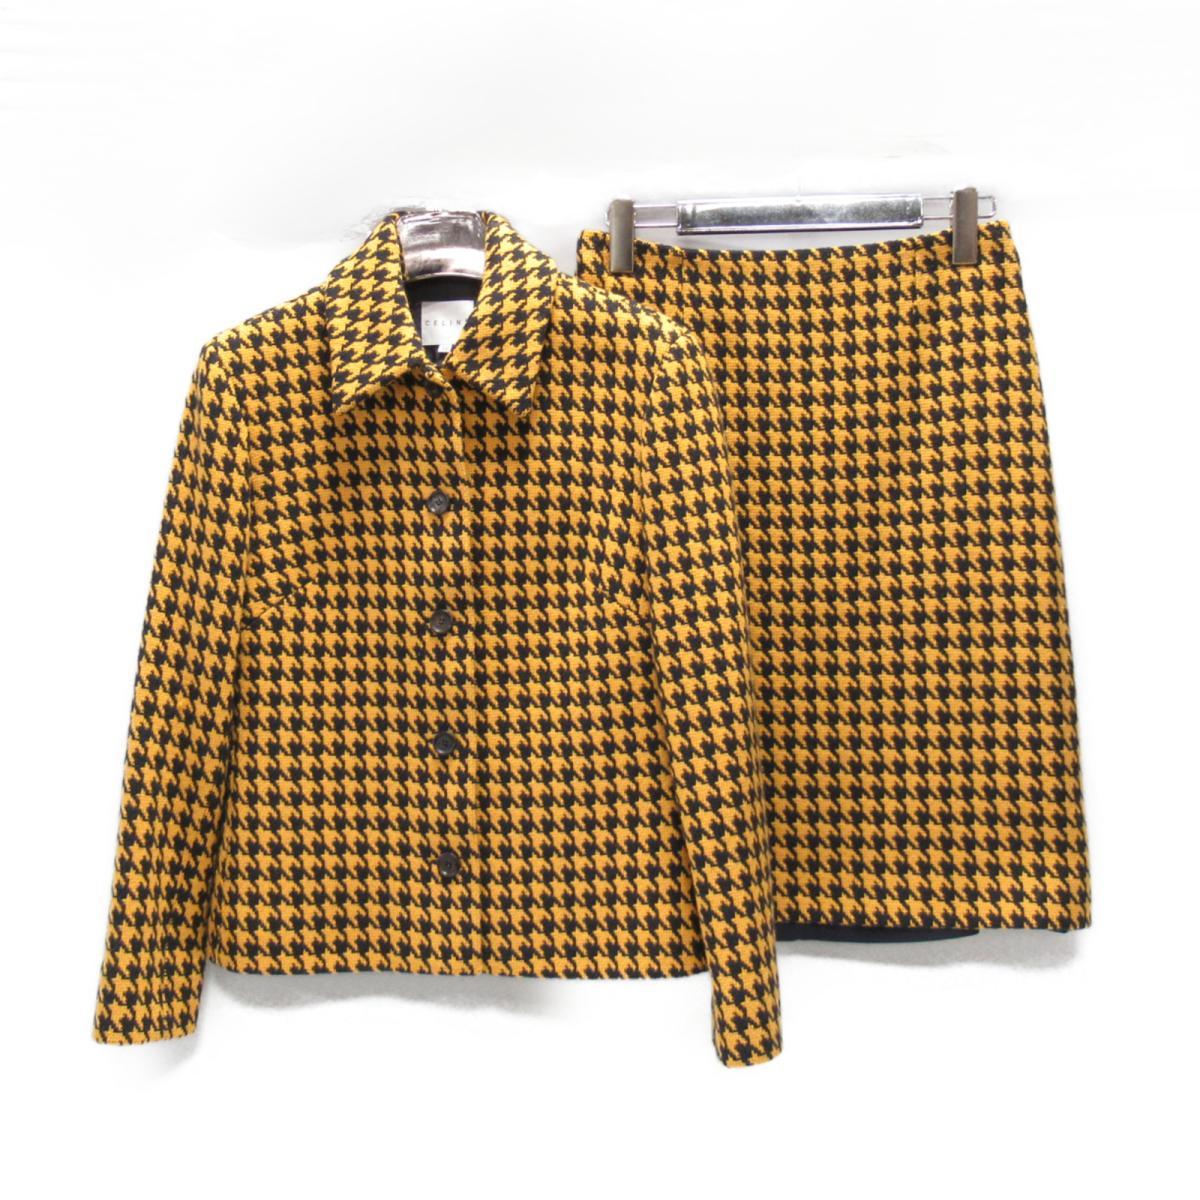 【中古】 セリーヌ セットアップ レディース ウール イエロー x ブラック | CELINE BRANDOFF ブランドオフ 衣料品 衣類 ブランド スーツ